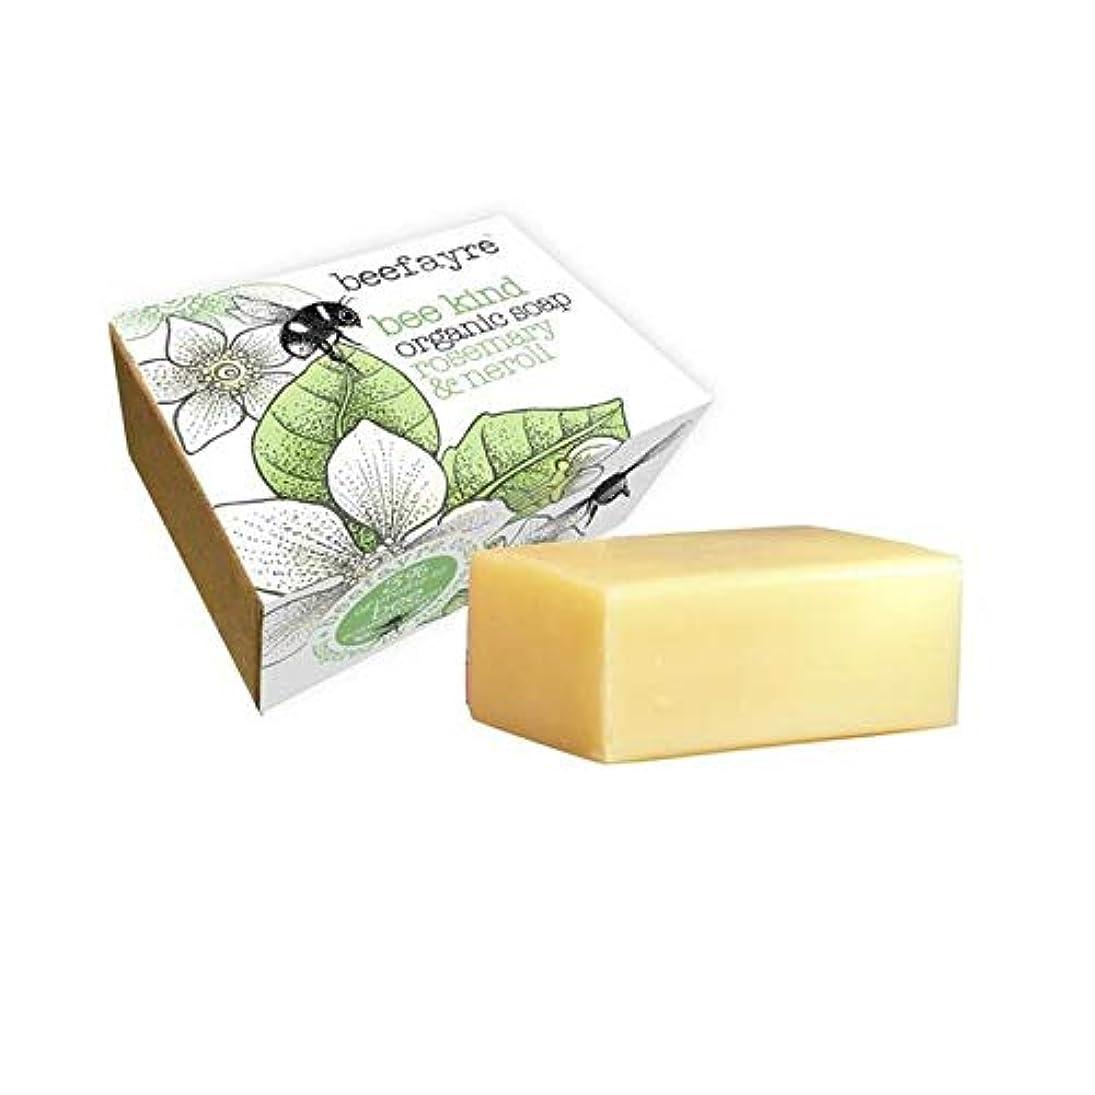 外交官試してみるモードリン[Beefayre] 有機ローズマリー&ネロリソープバー100グラムBeefayre - Beefayre Organic Rosemary & Neroli Soap Bar 100g [並行輸入品]